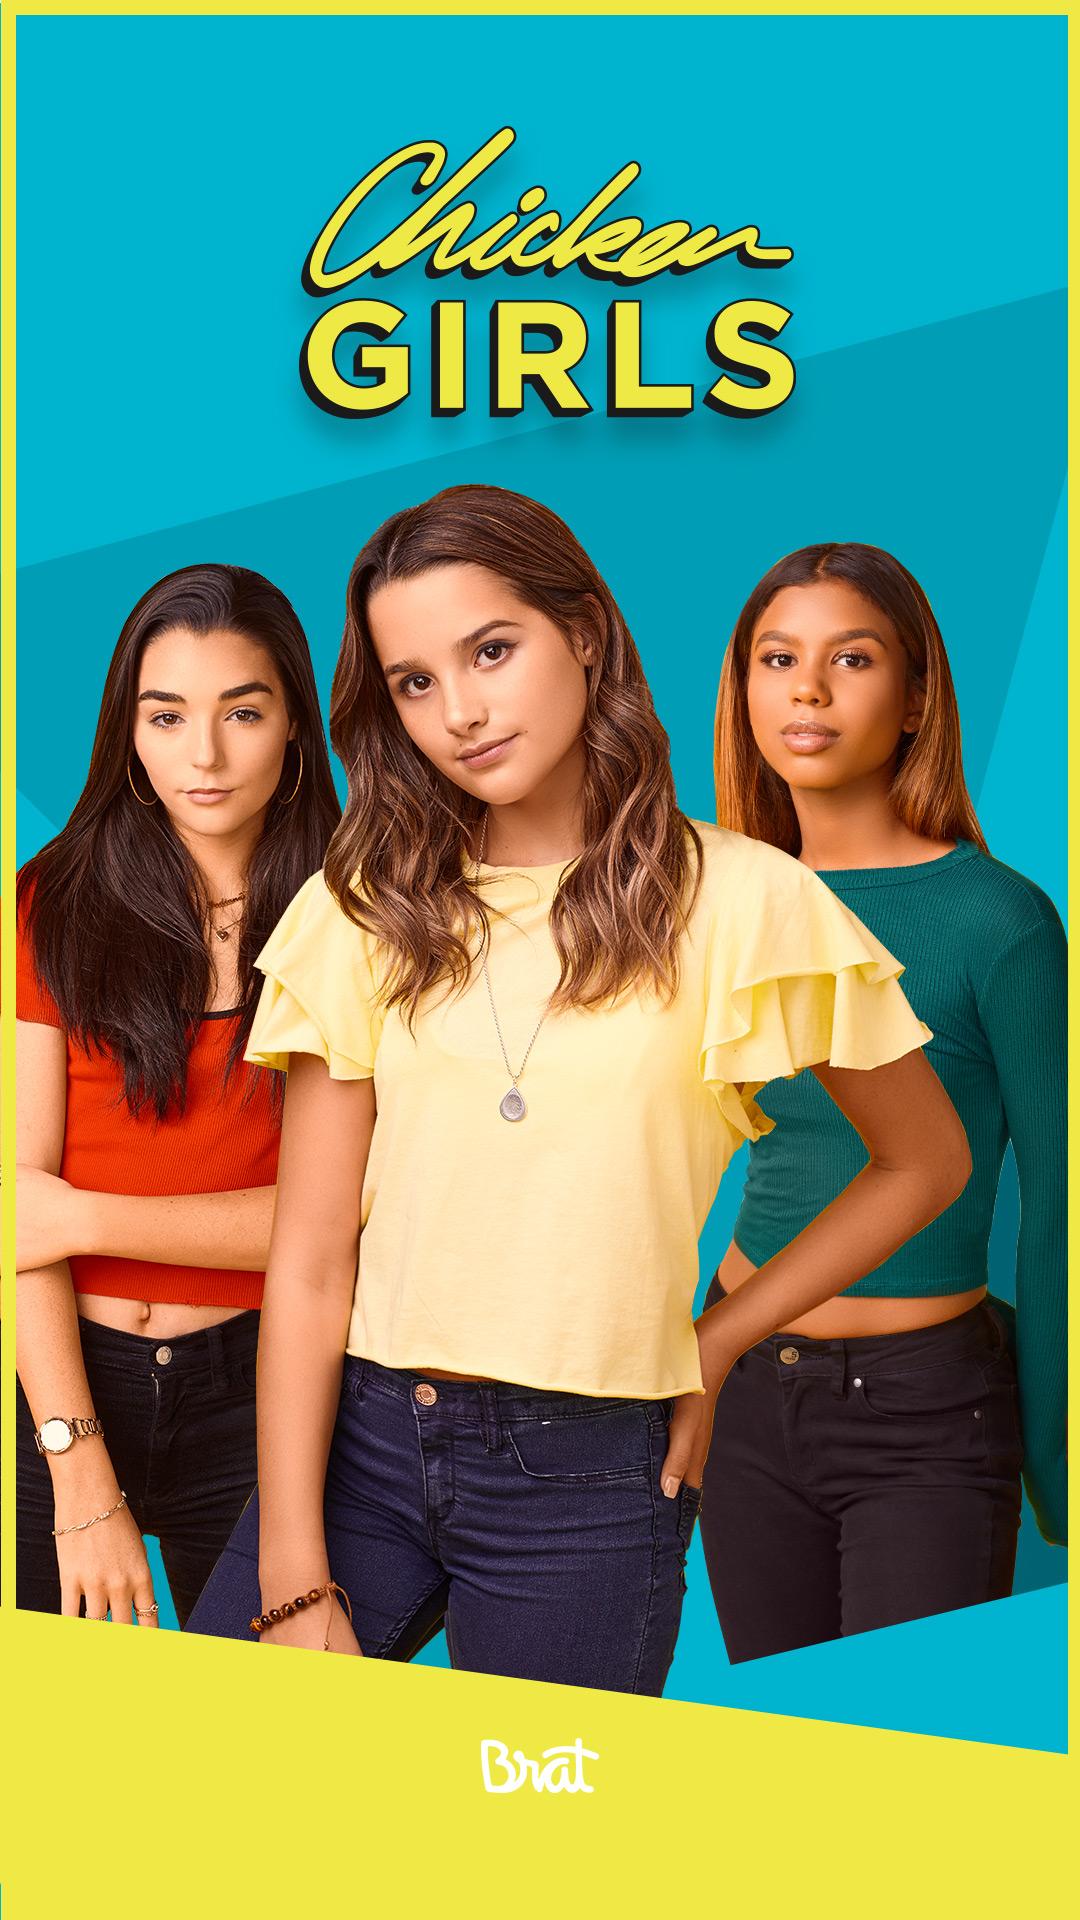 Chicken Girls (TV Series 2017– ) - IMDb